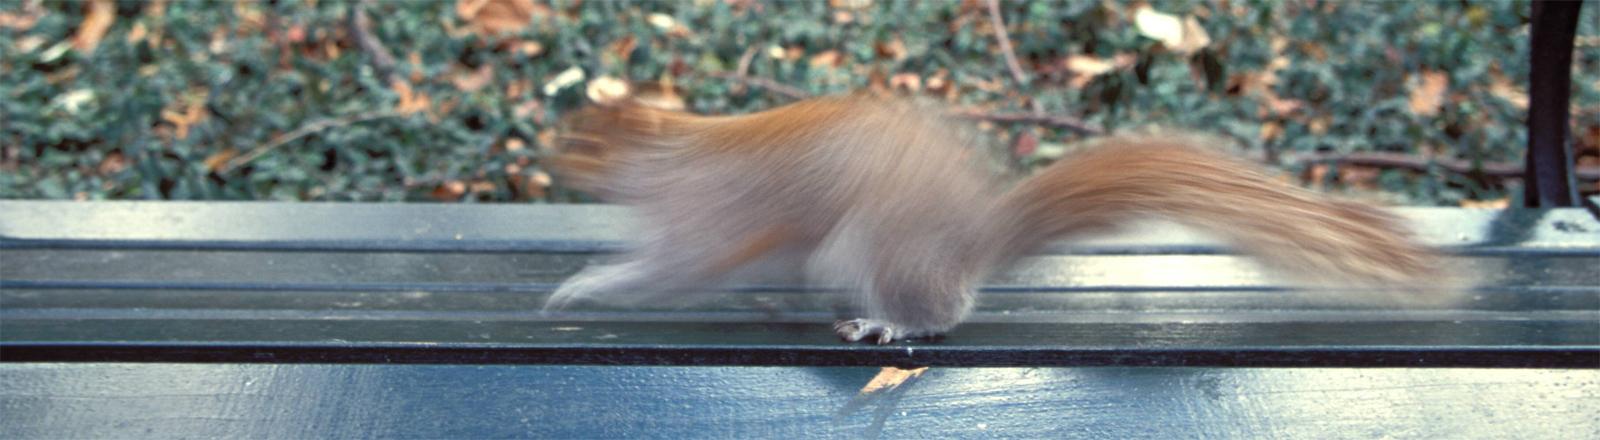 Eichhörnchen auf einer Parkbank im Central Park